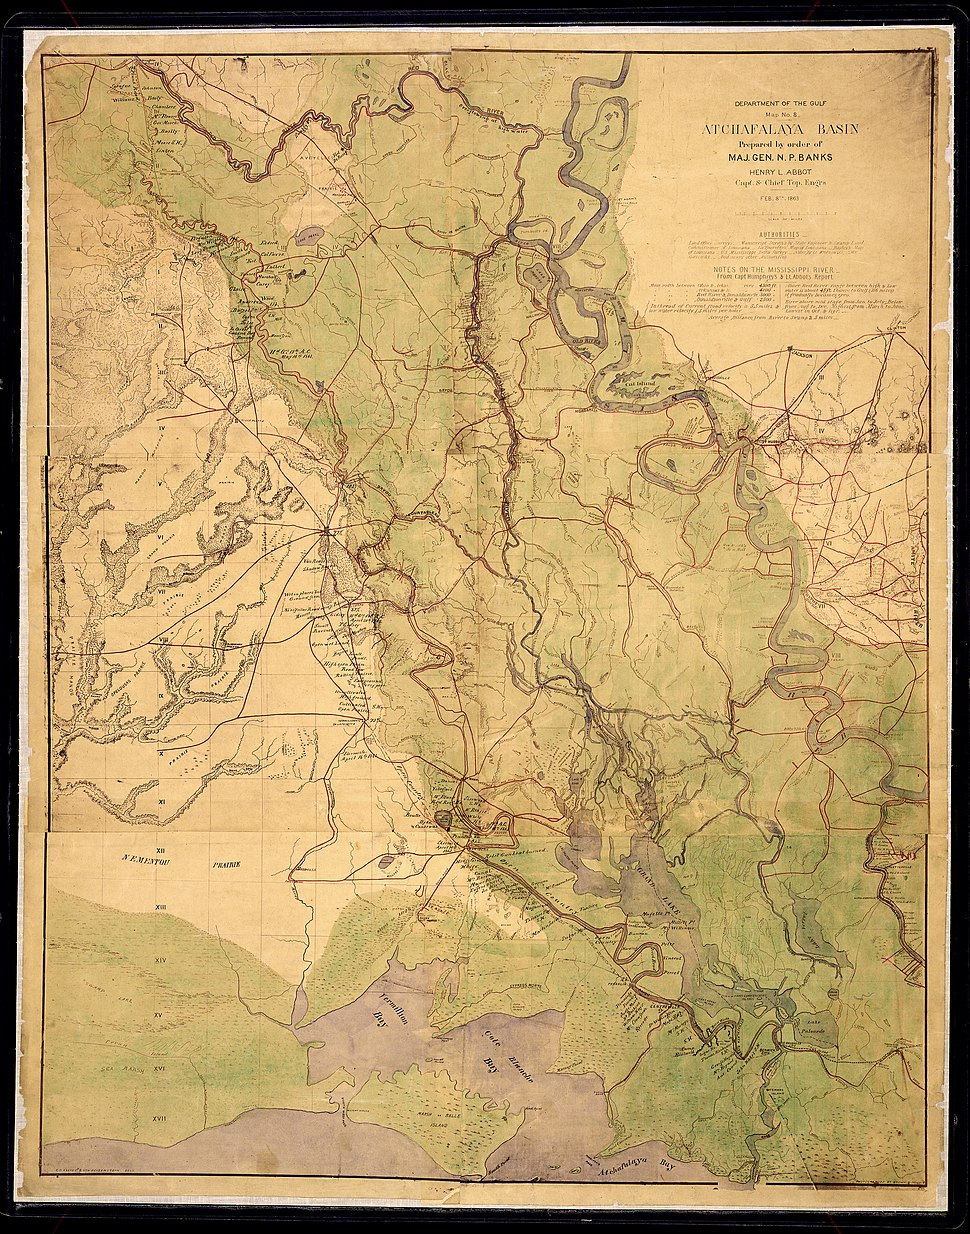 Atchafalaya Basin. Prepared by order of Maj. Gen. N. P. Banks. Henry L. Abbot, Capt. & Chief Top. Eng'rs., Feb.... - NARA - 305632